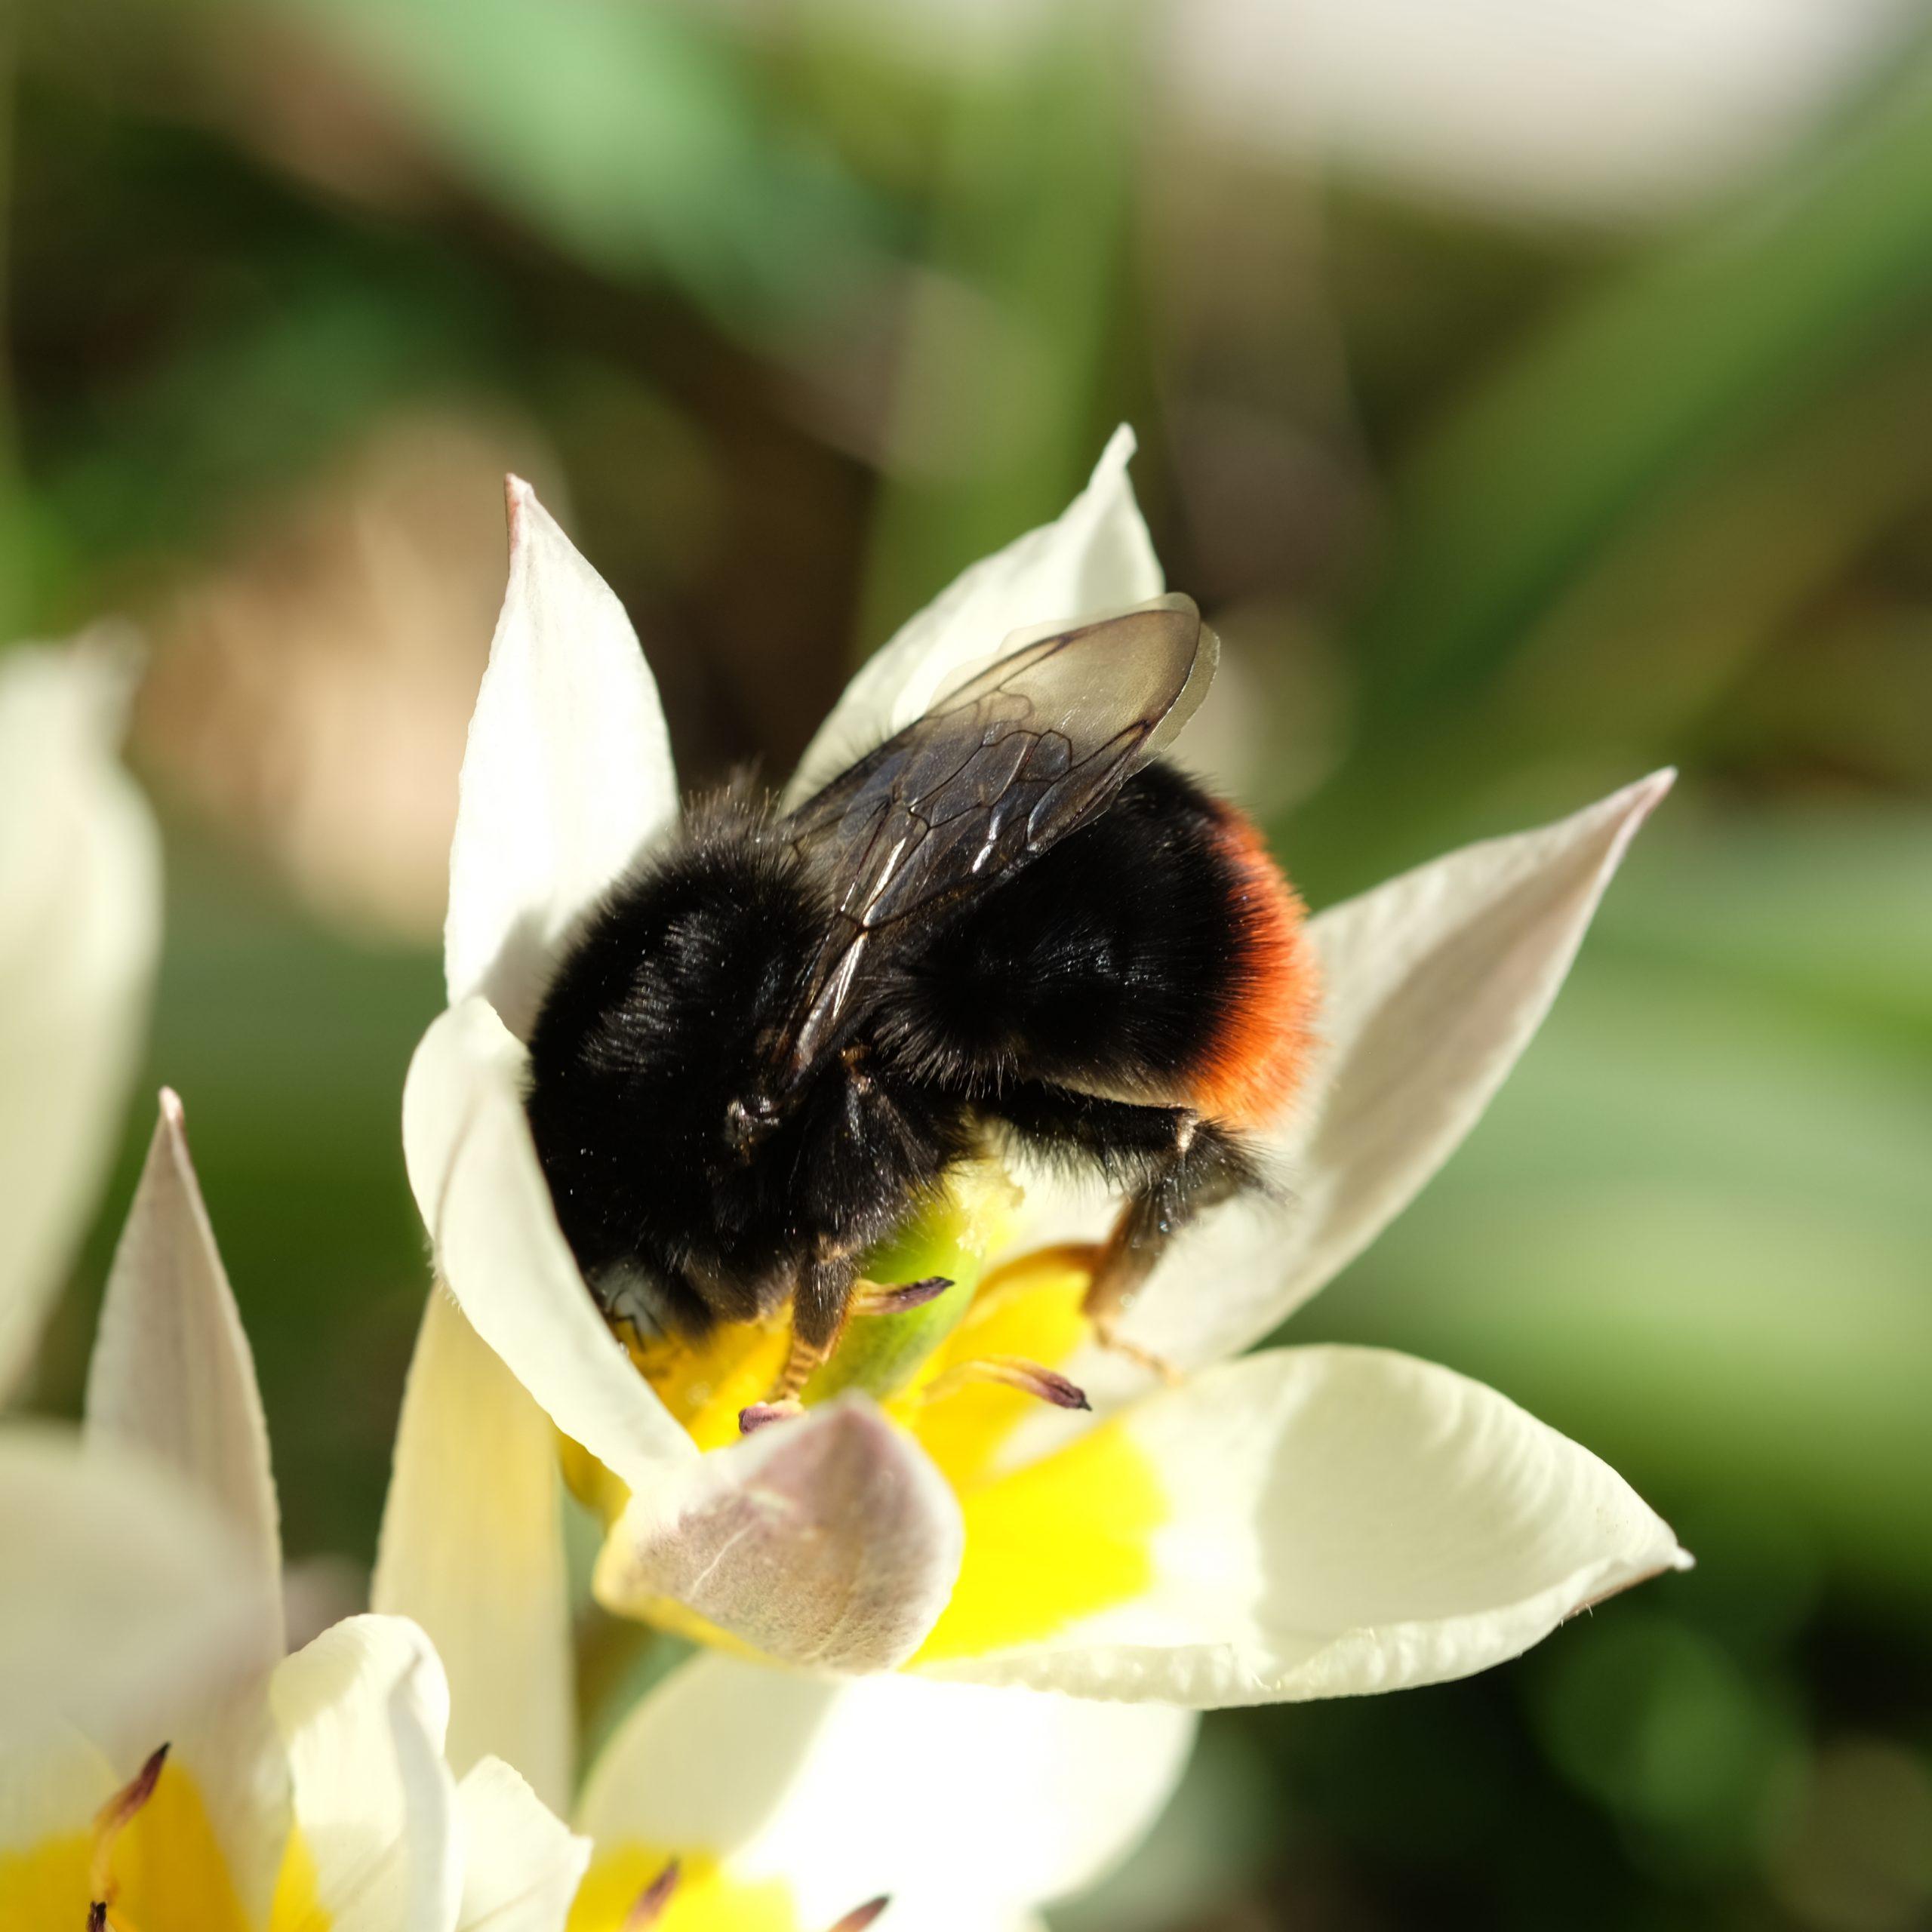 steinhumle på jakt etter nektar